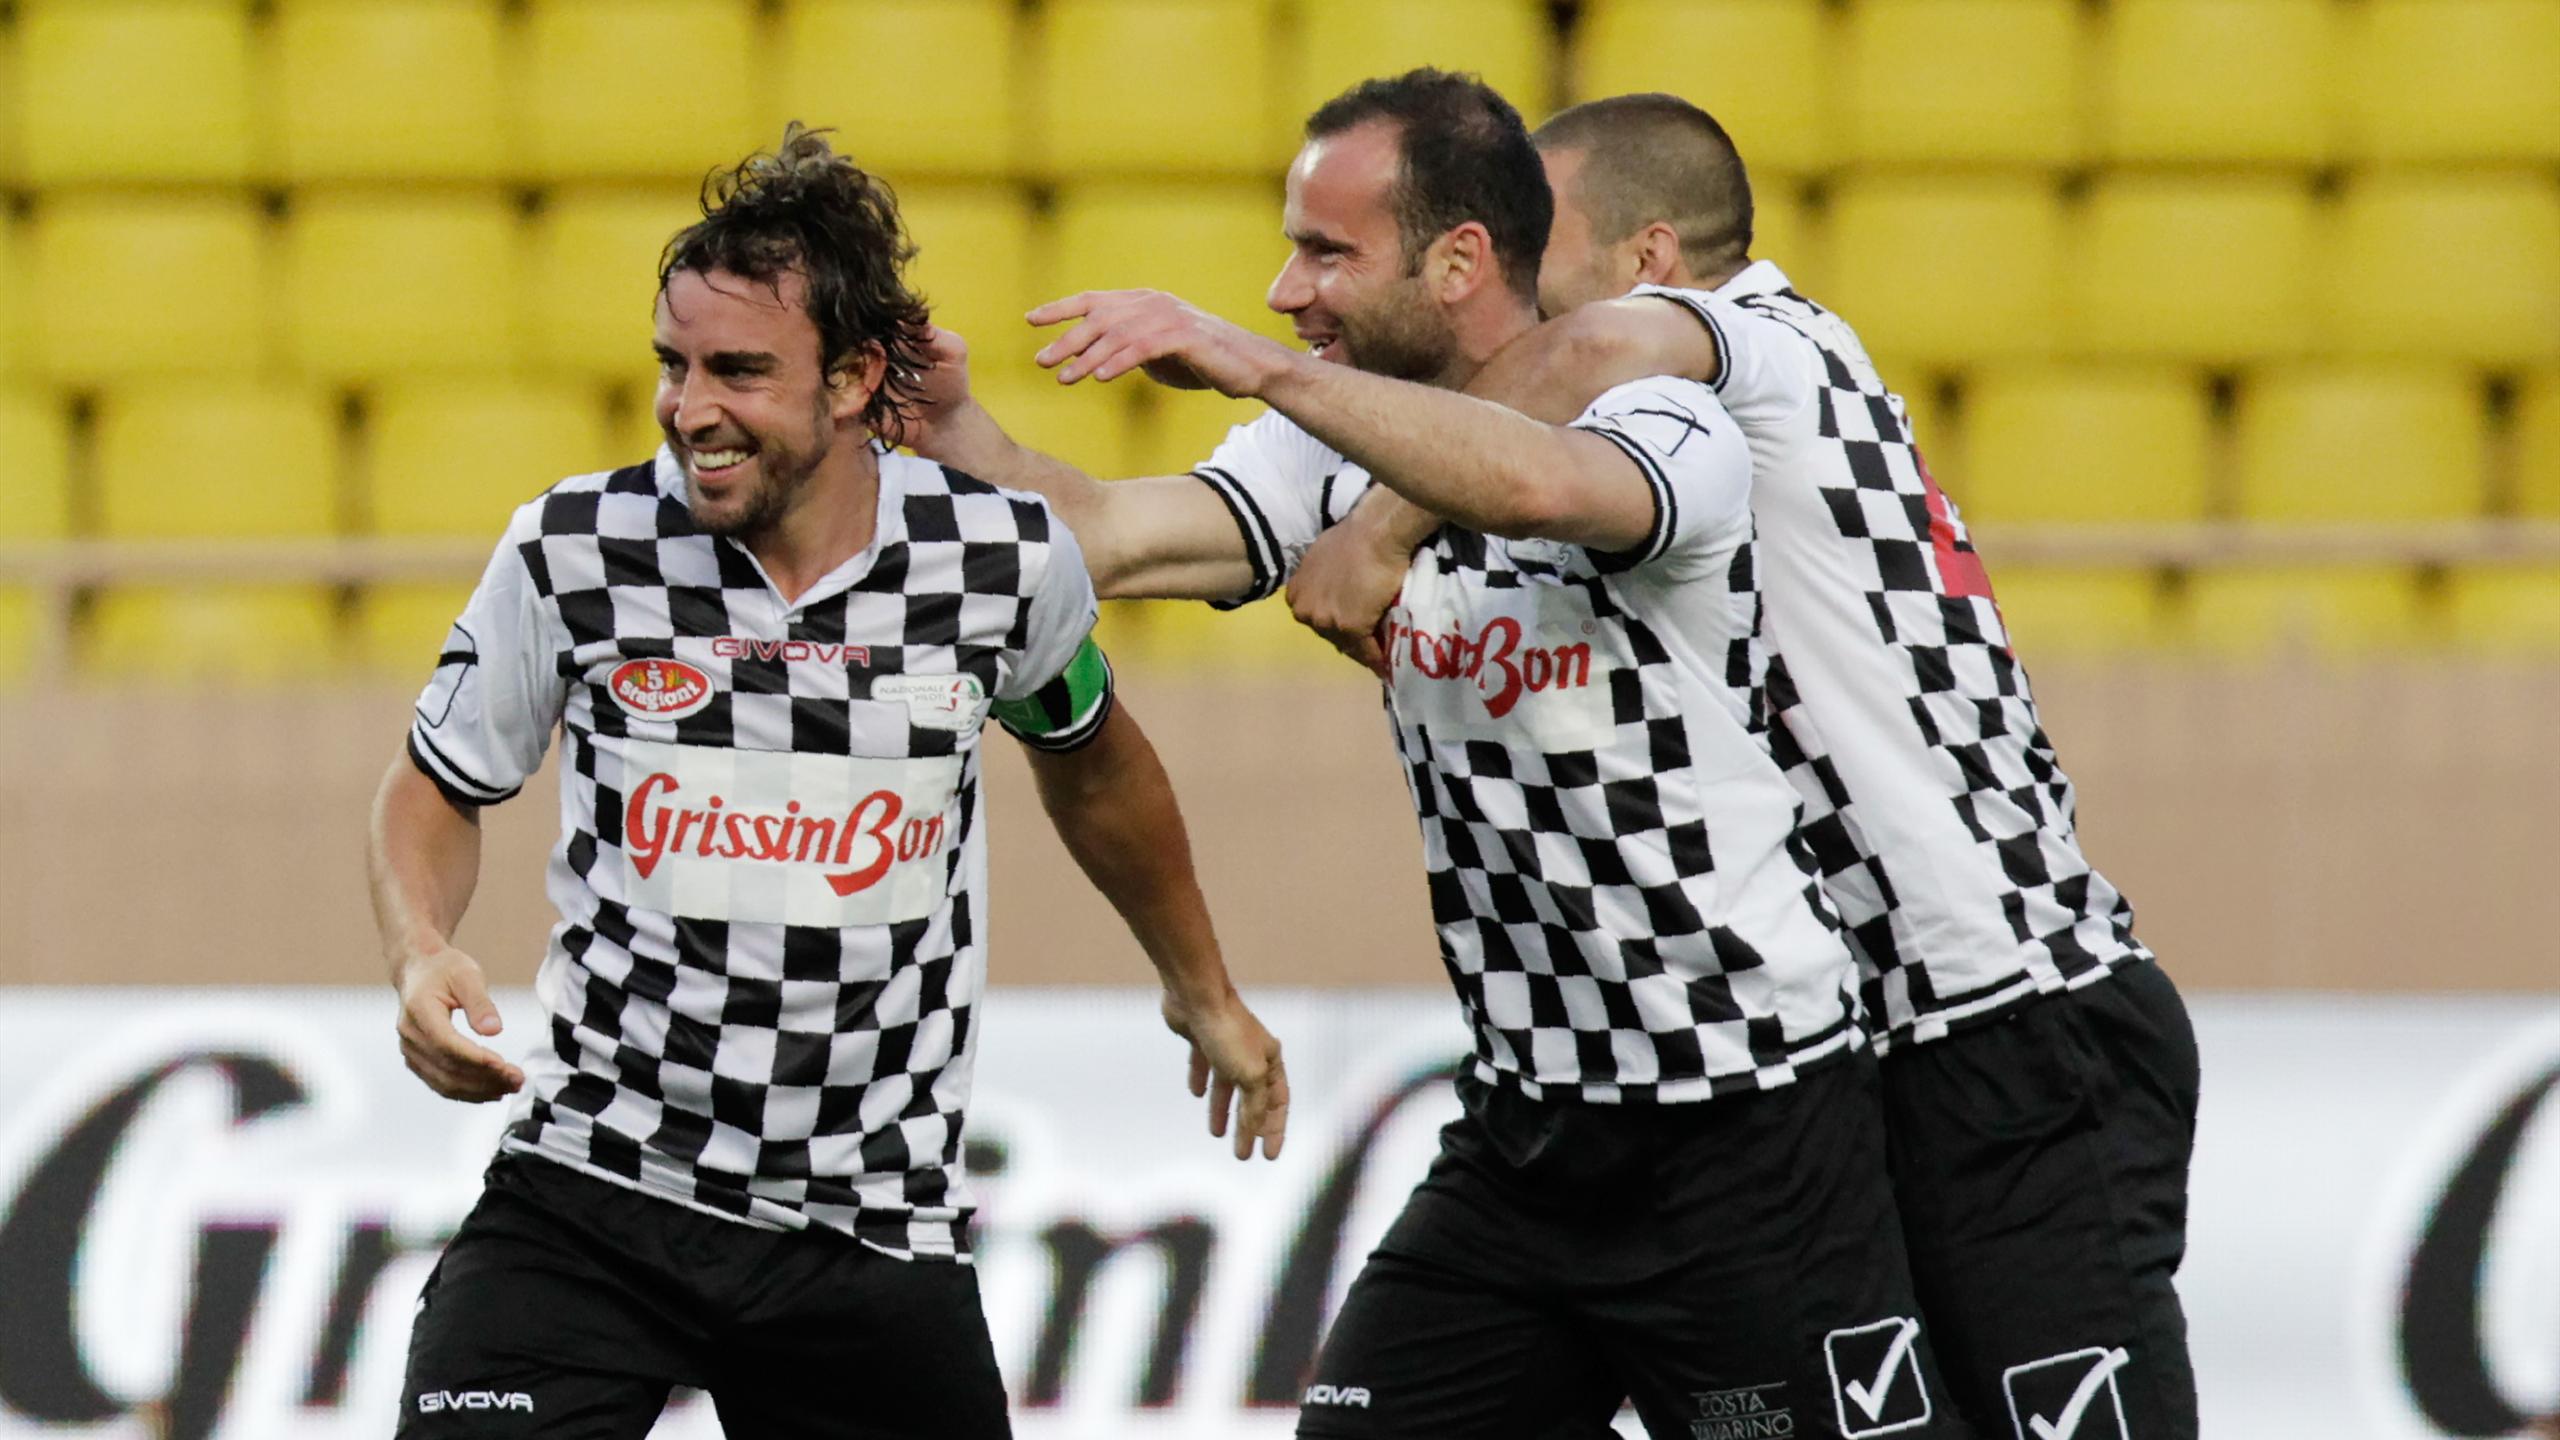 Фернандо Алонсо забил гол в благотворительном матче